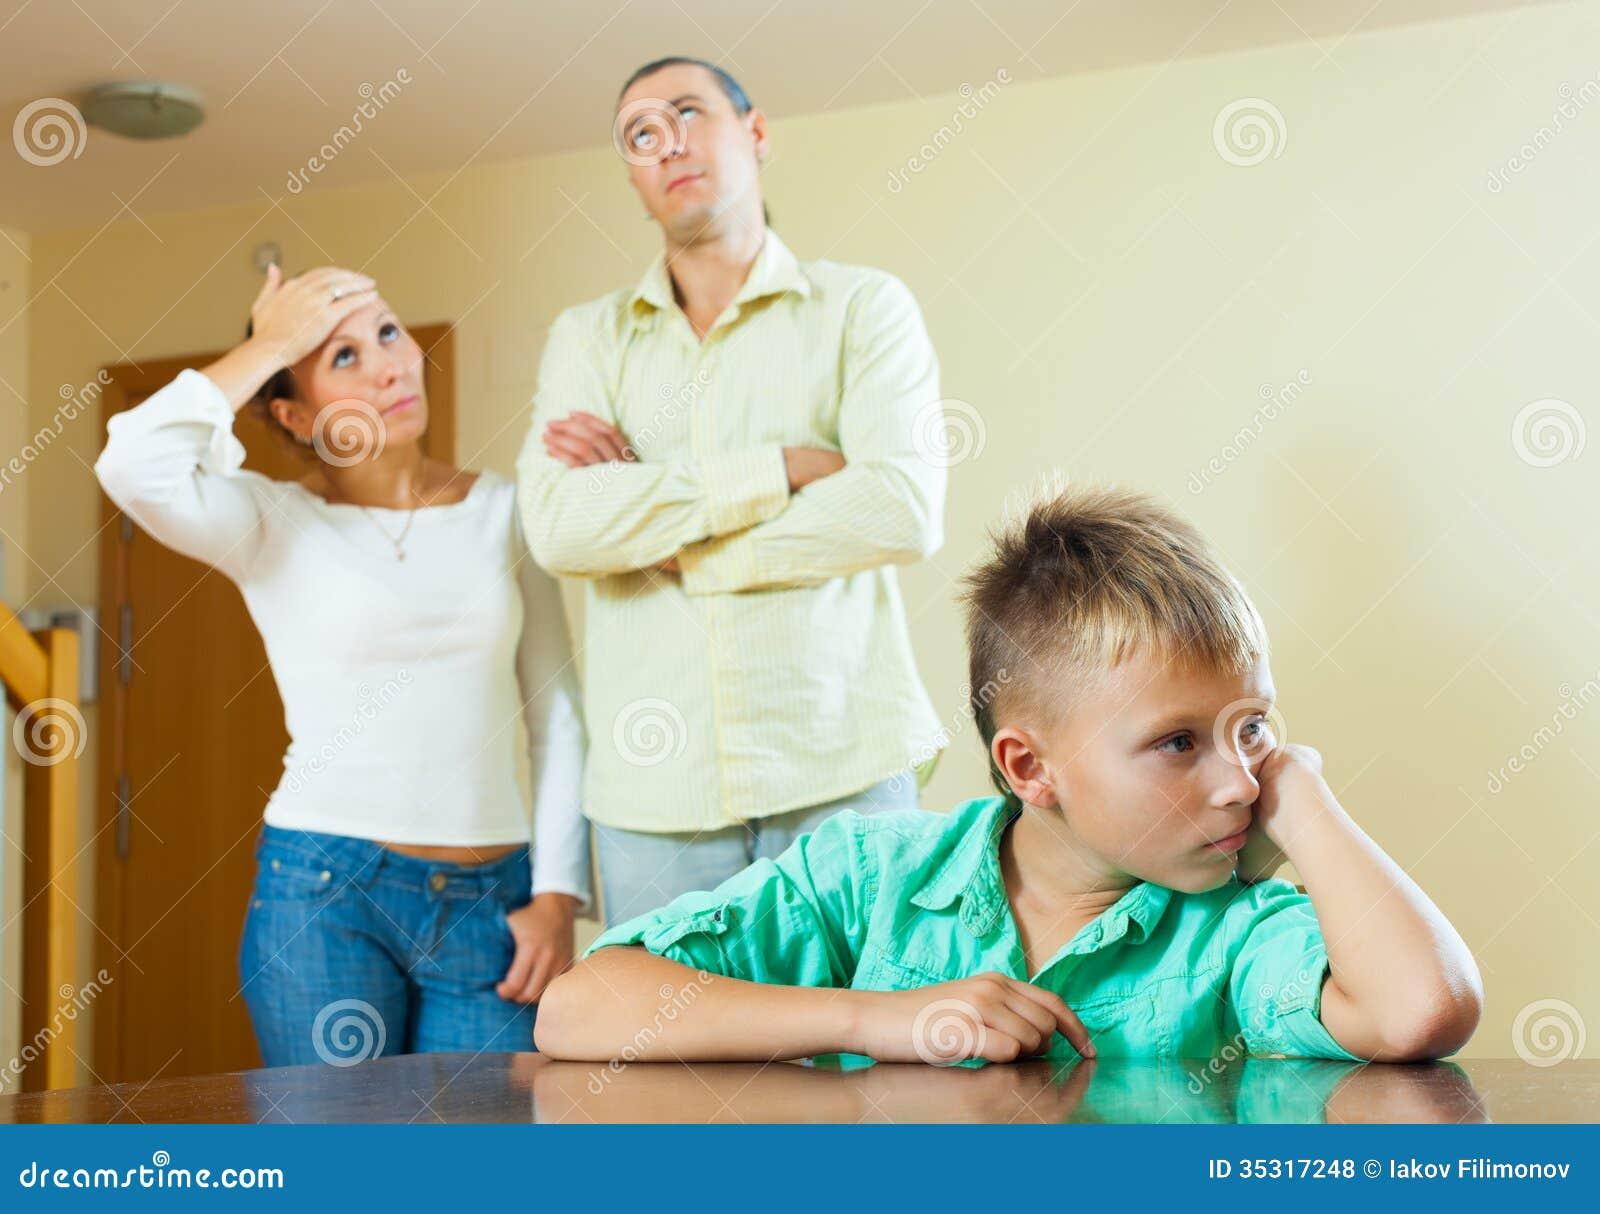 Сын наблюдает за сексом родителей, Подсмотрел за сексом родителей -видео. Смотреть 22 фотография